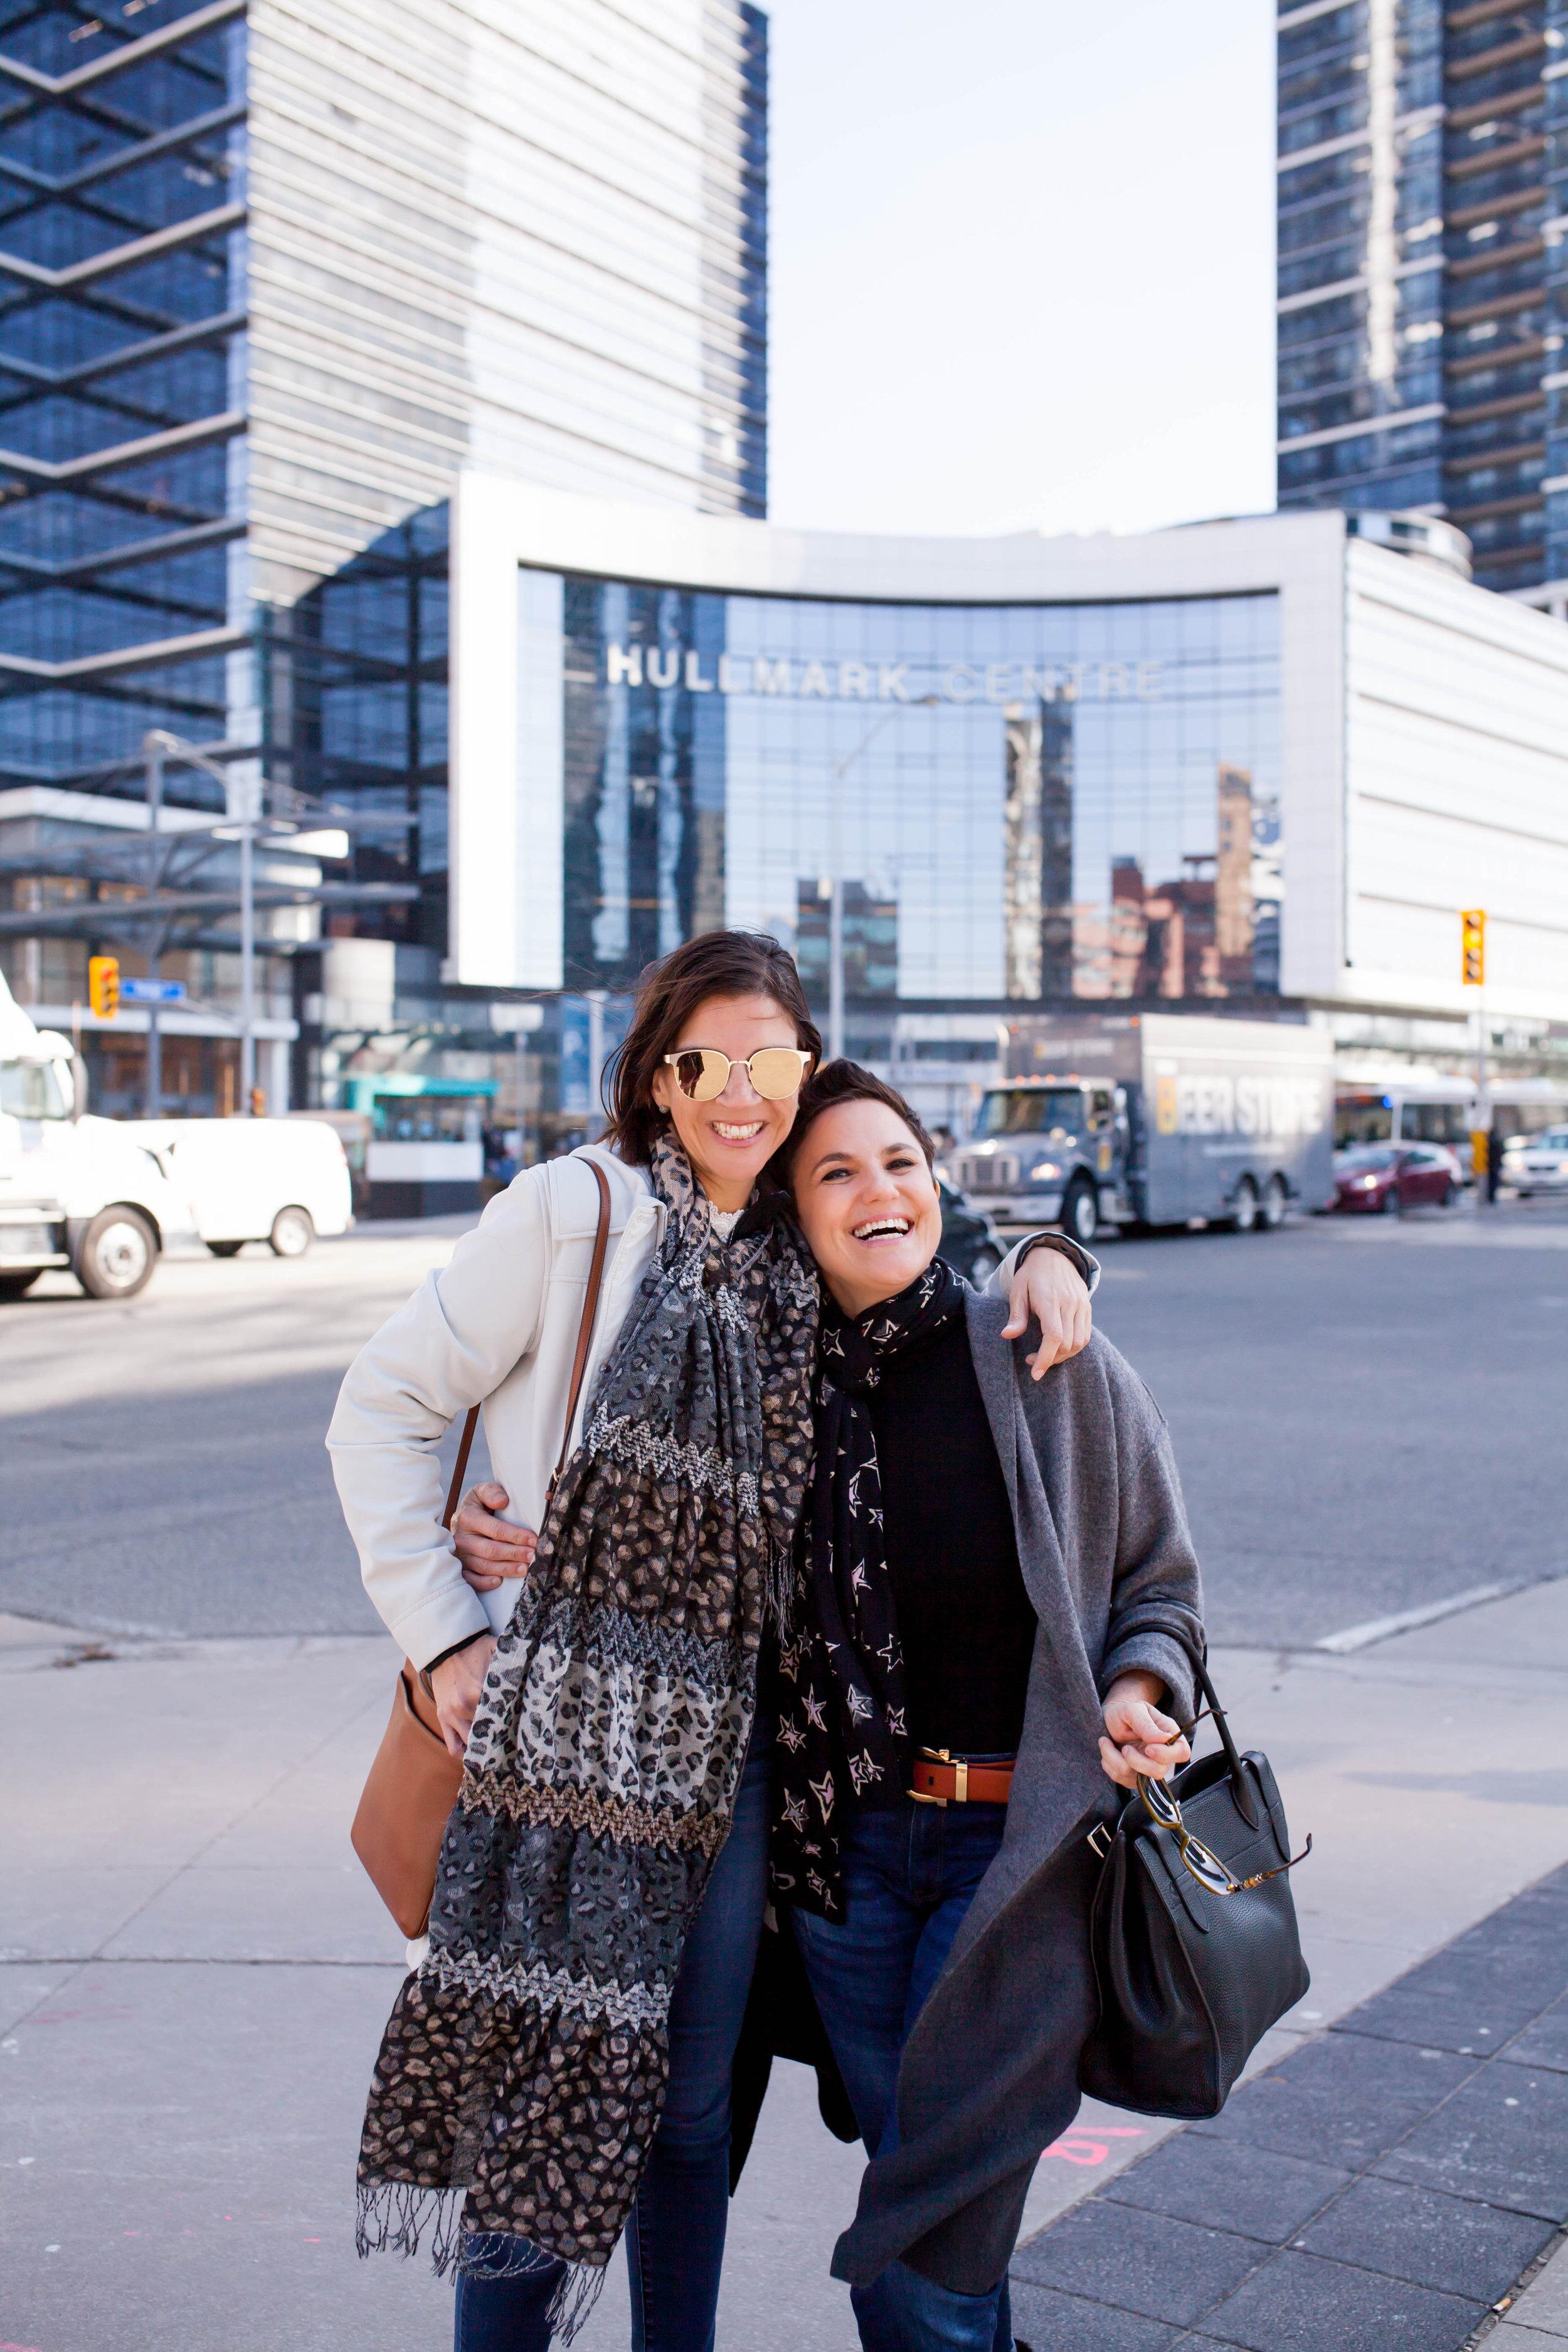 Katia_In_Toronto_Aroundtheoffice3.jpg.jpg